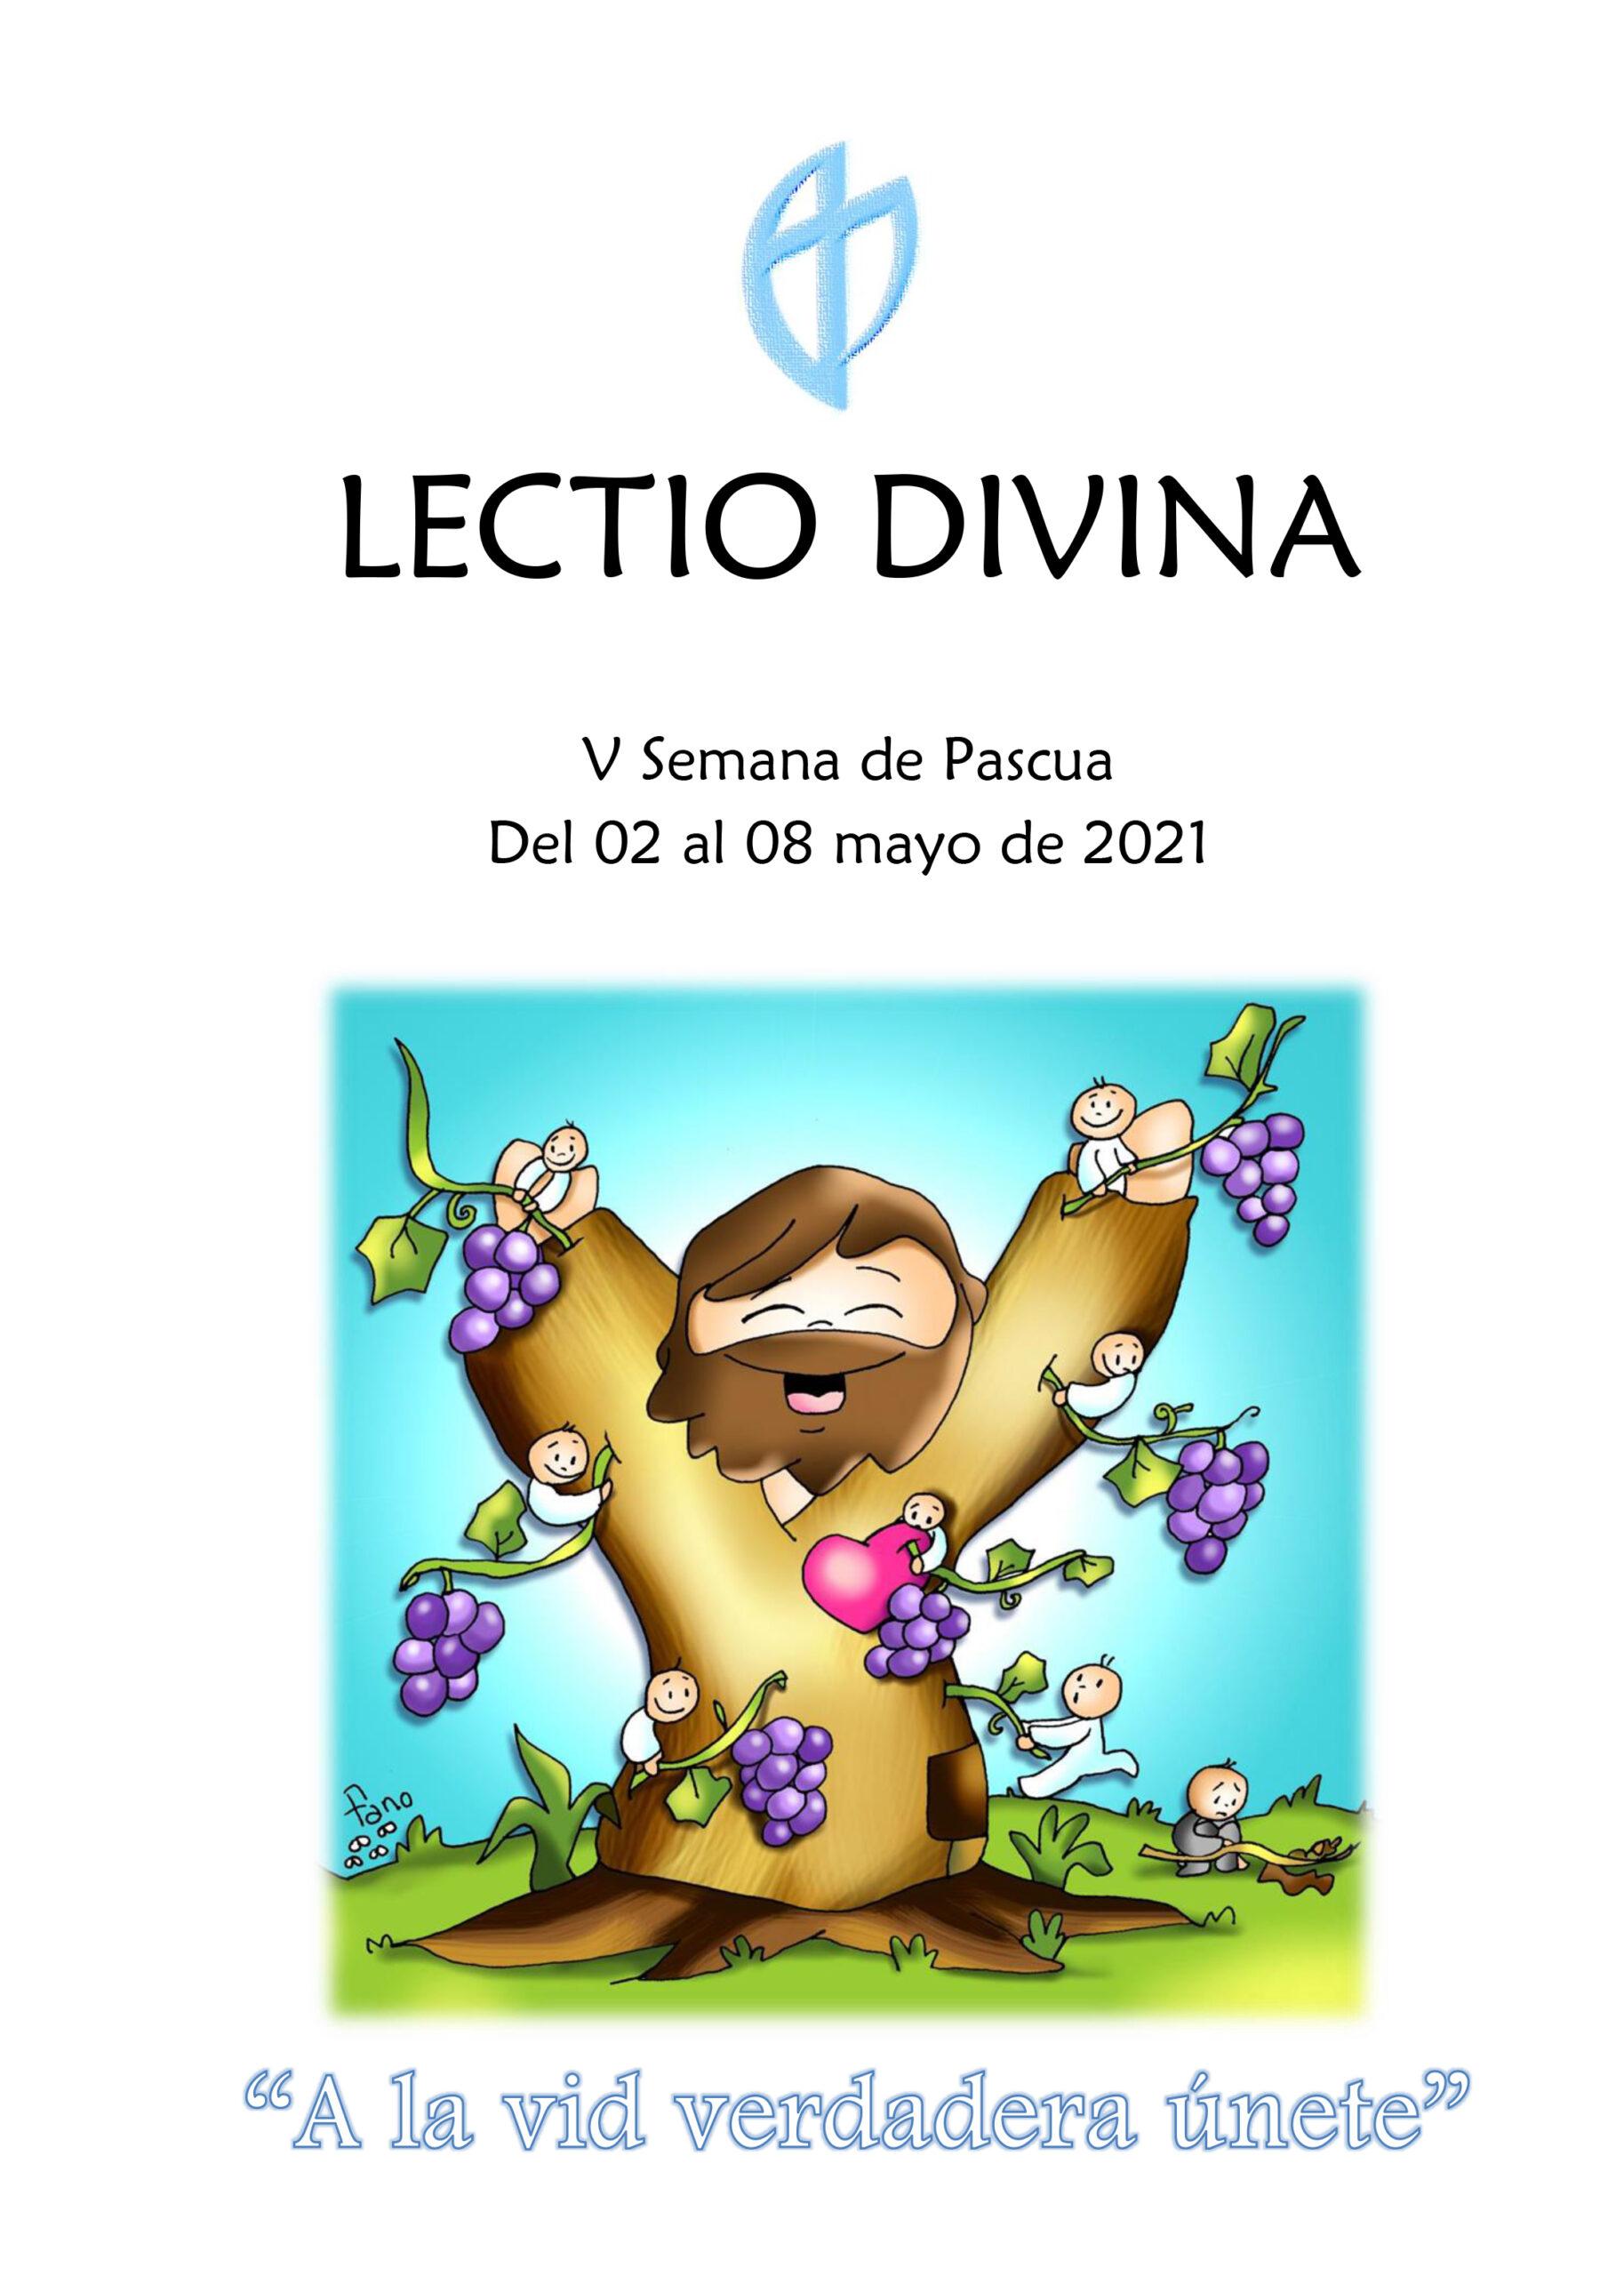 V Semana de Pascua (del 02 al 08 mayo de 2021)